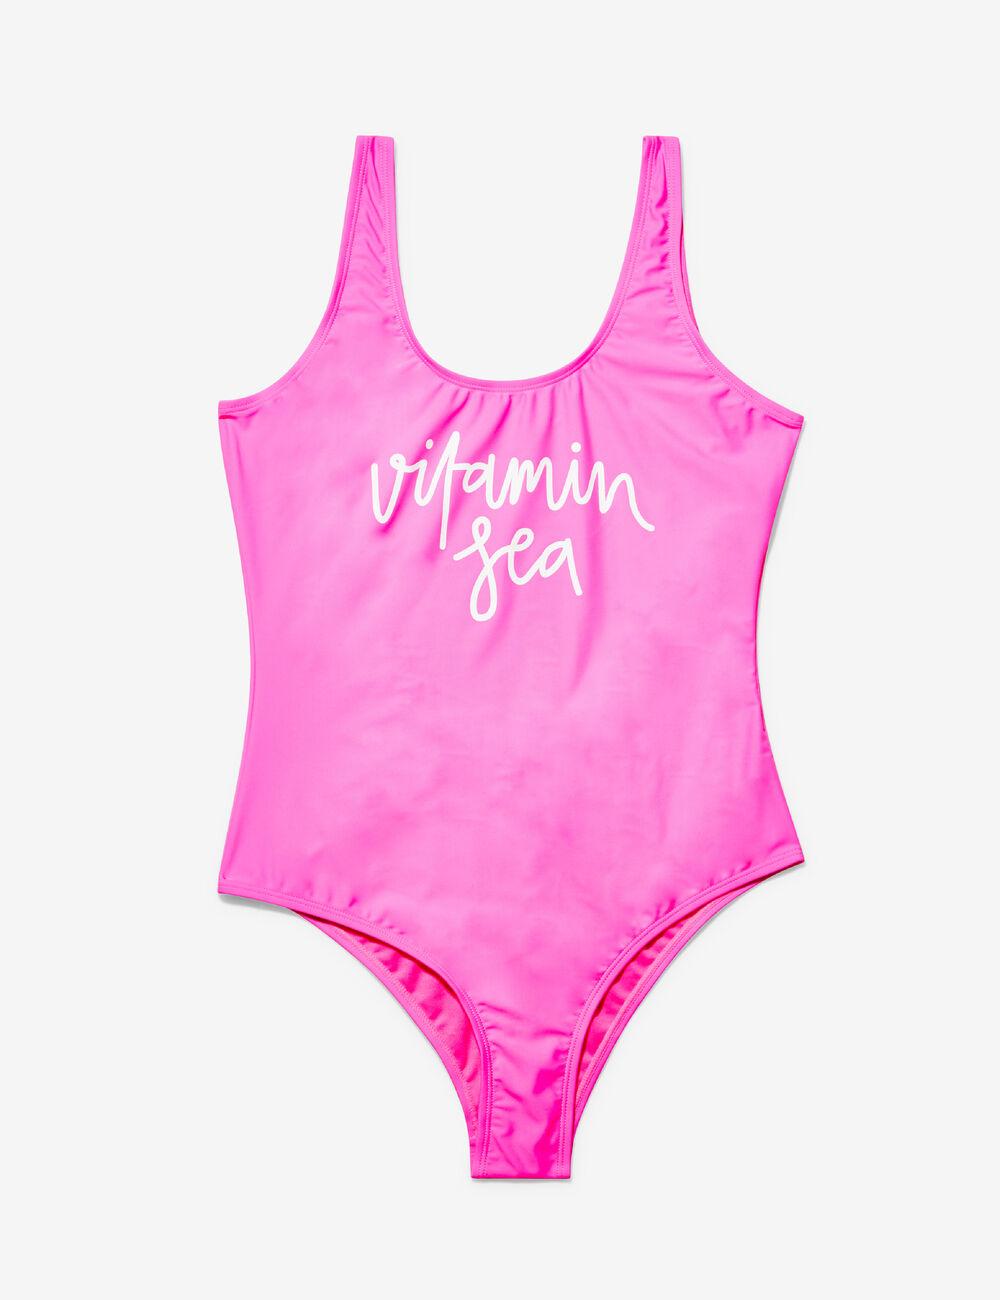 maillot de bain vitamin sea rose fluo femme jennyfer. Black Bedroom Furniture Sets. Home Design Ideas